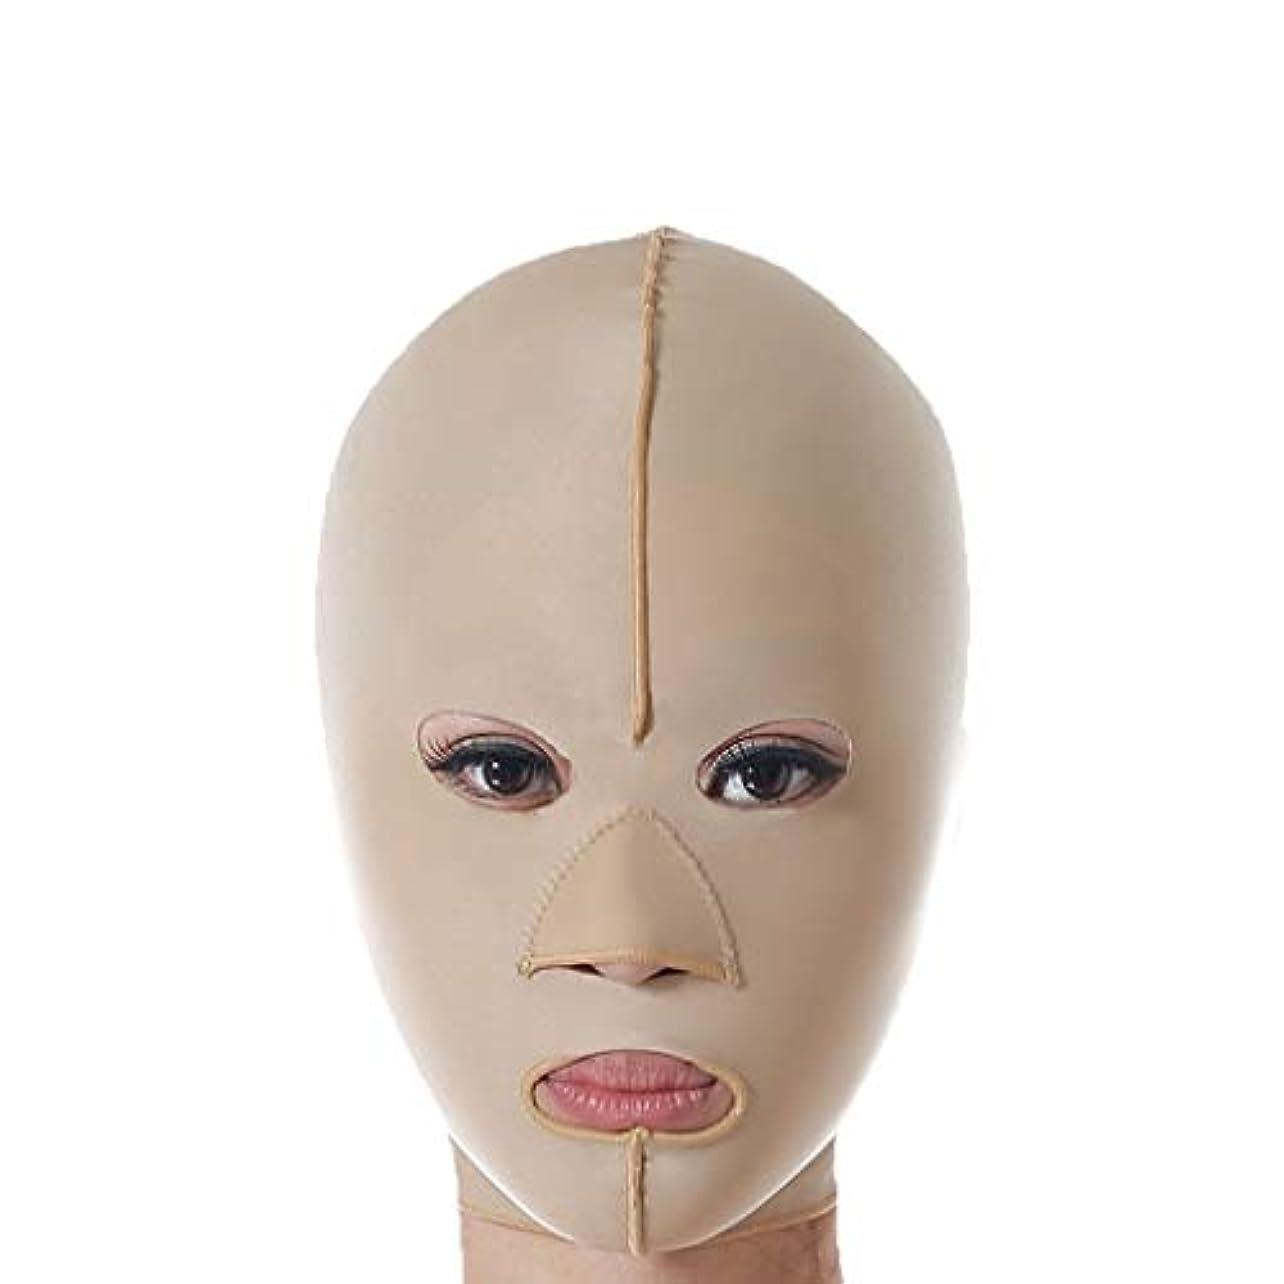 低下マーティンルーサーキングジュニアダウンタウン減量フェイスマスク、リフティング包帯、スリムフェイスリフトリフティングベルト、フェイシャル減量リフティング包帯 (Size : S)